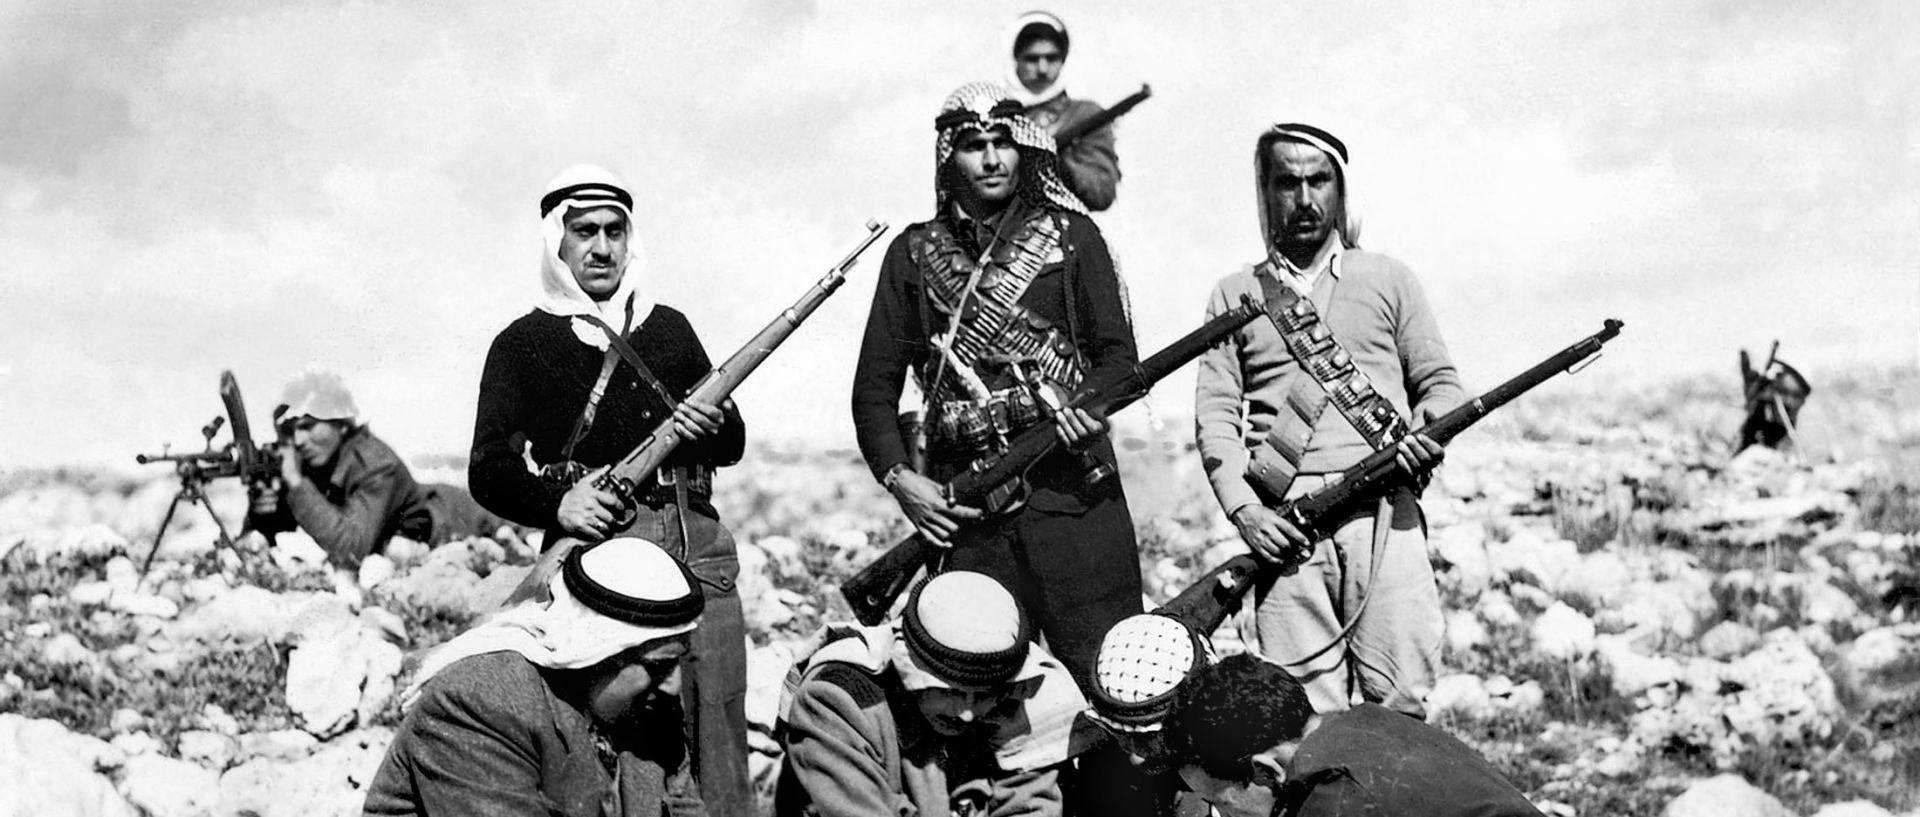 لماذا دُفنت صور وأفلام فلسطينية لا تُحصى، في الأرشيفات الإسرائيلية؟ (ترجمة)